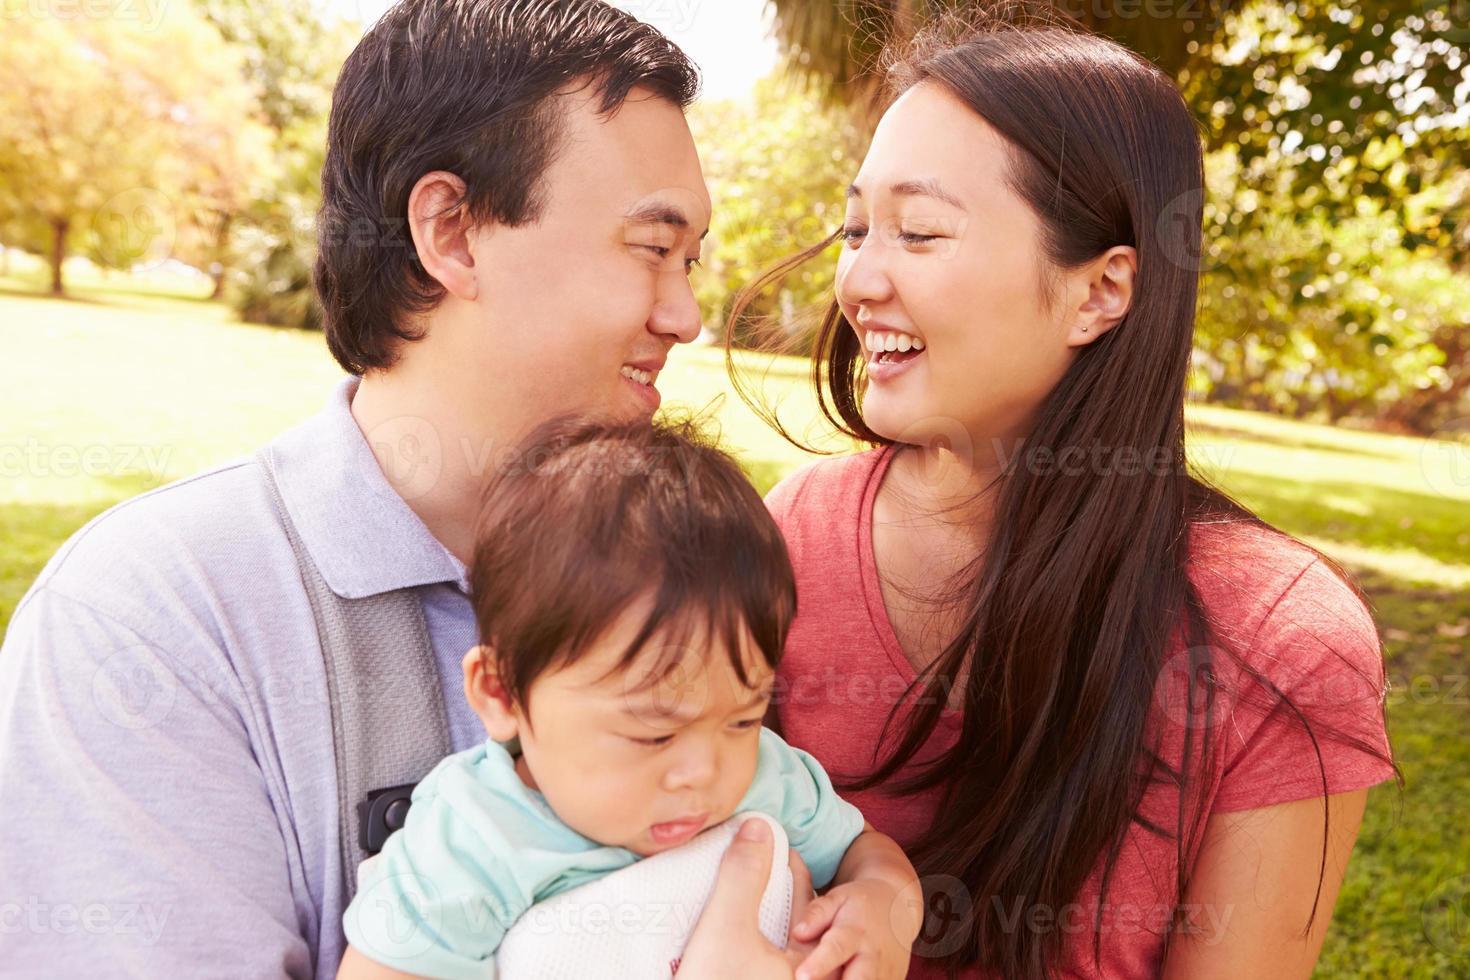 família com bebê em transportadora caminhando pelo parque foto